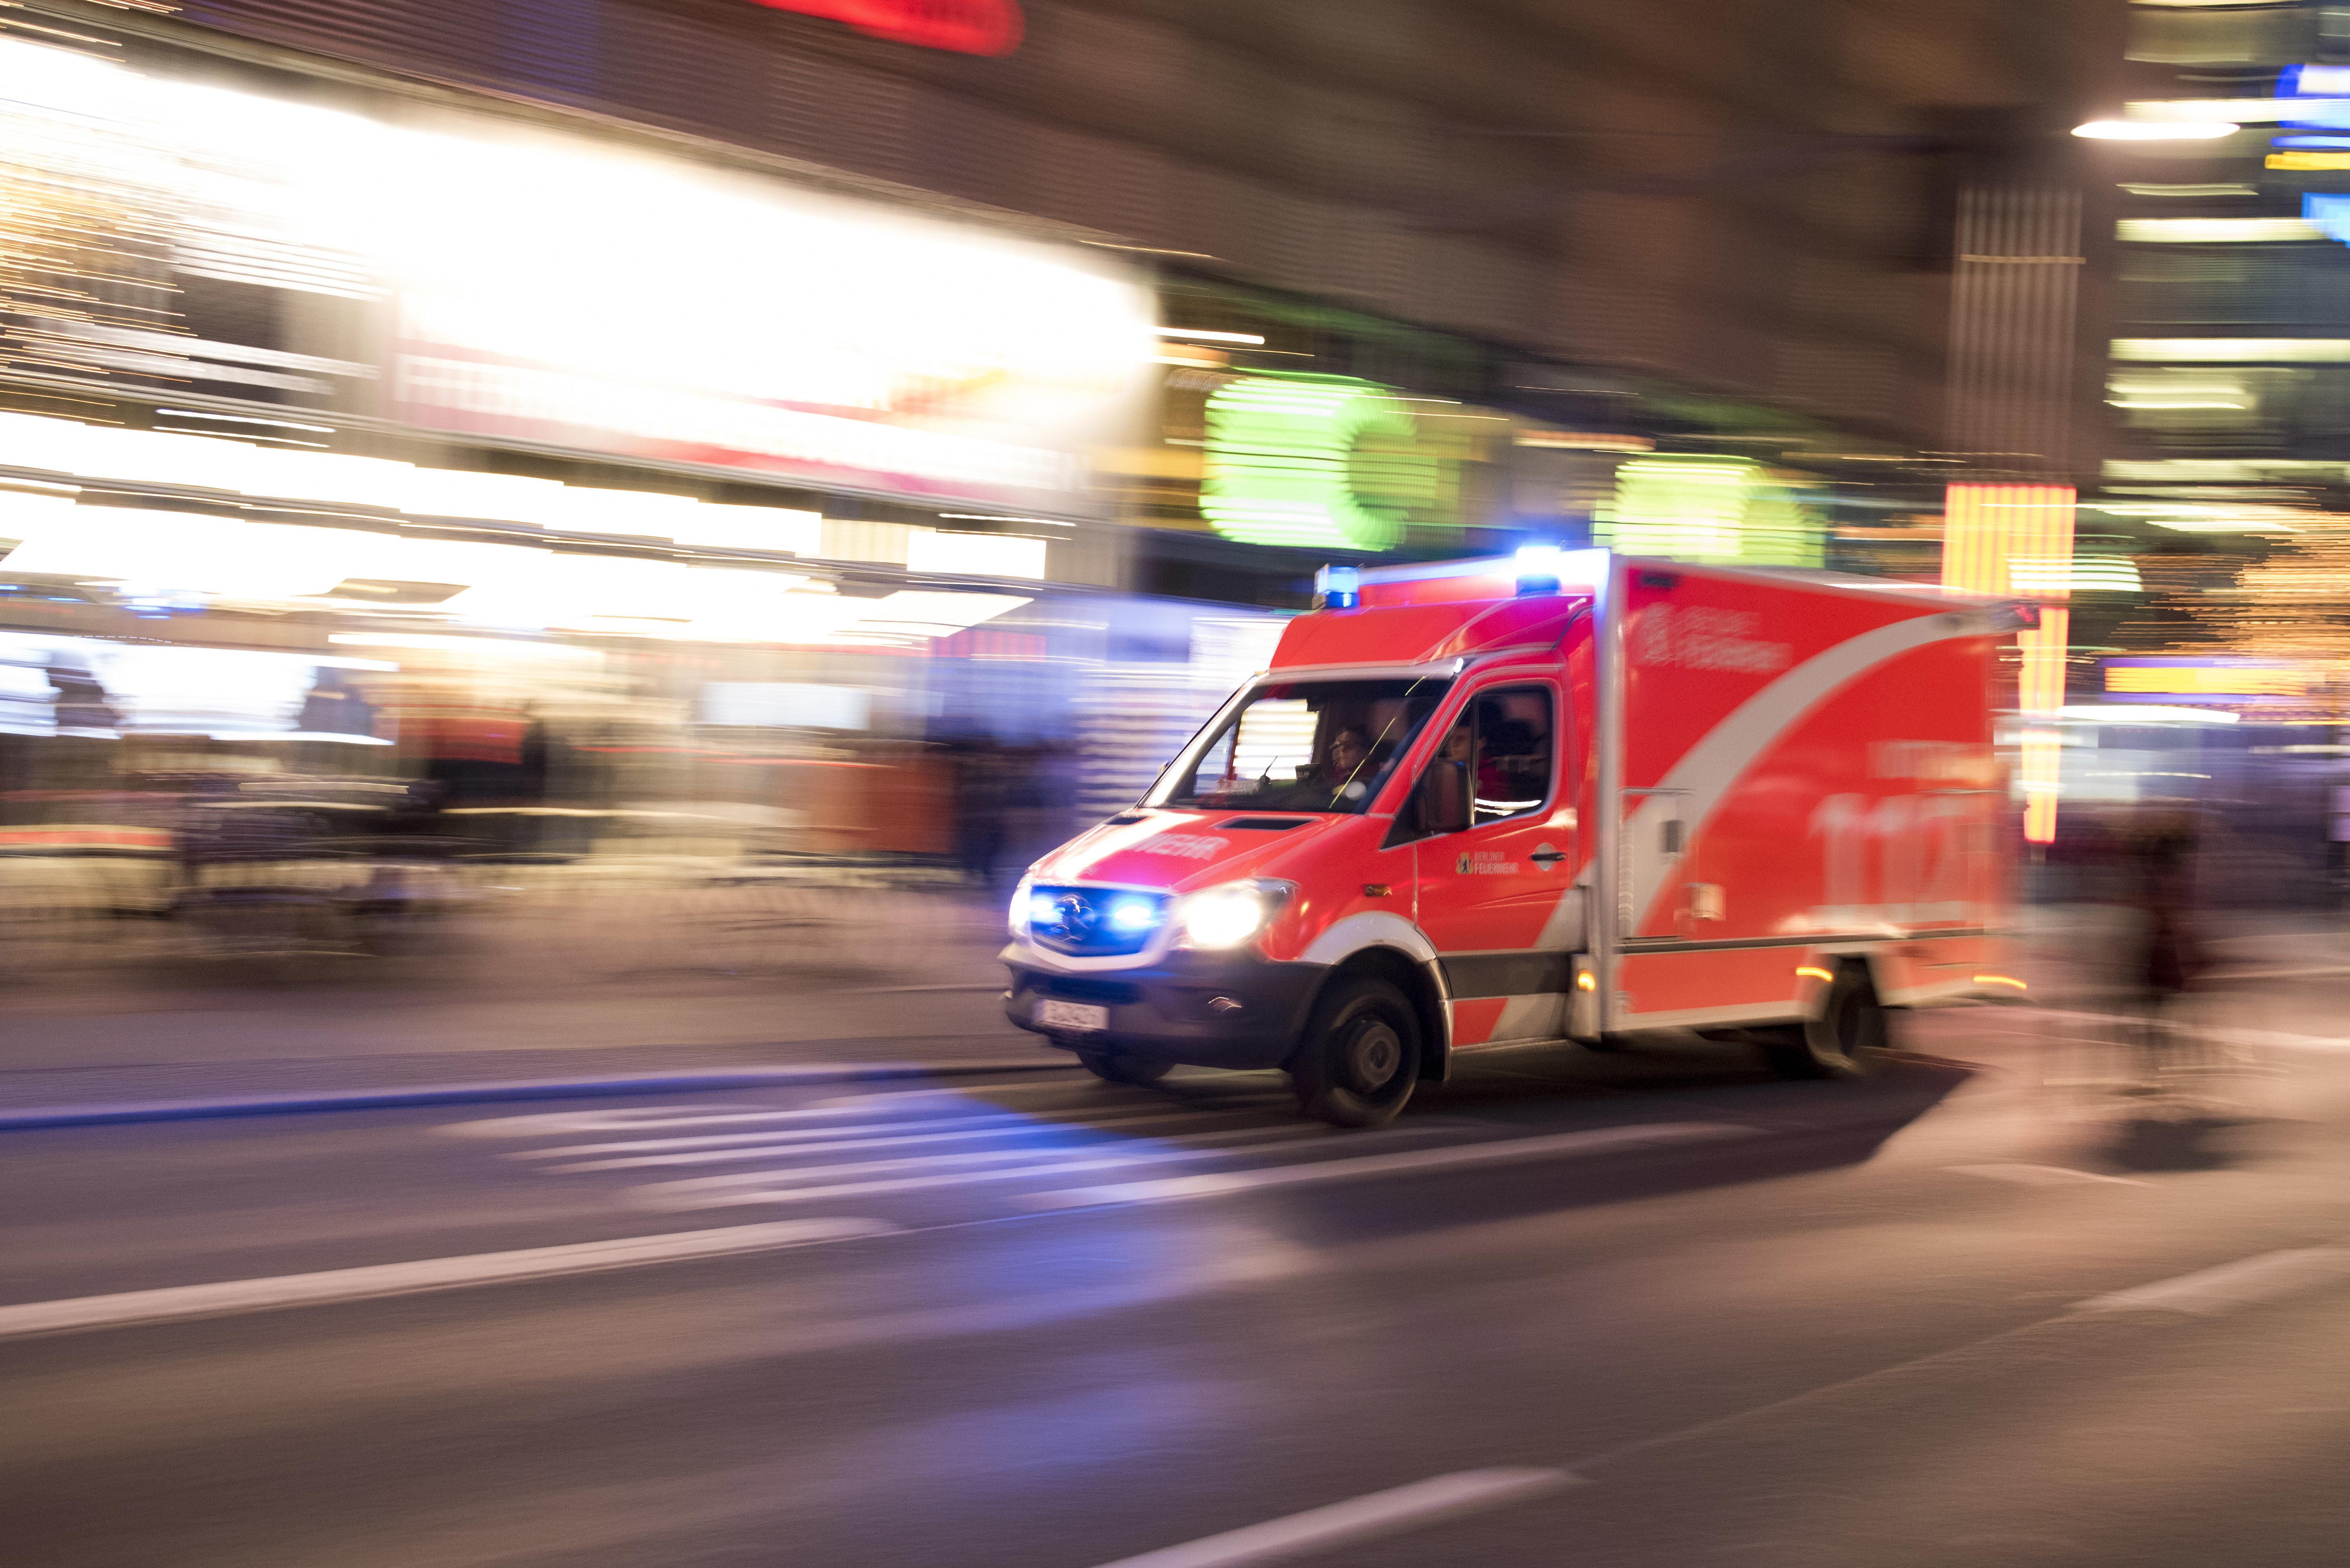 Familienstreit: Schwiegertochter mit Messer verletzt